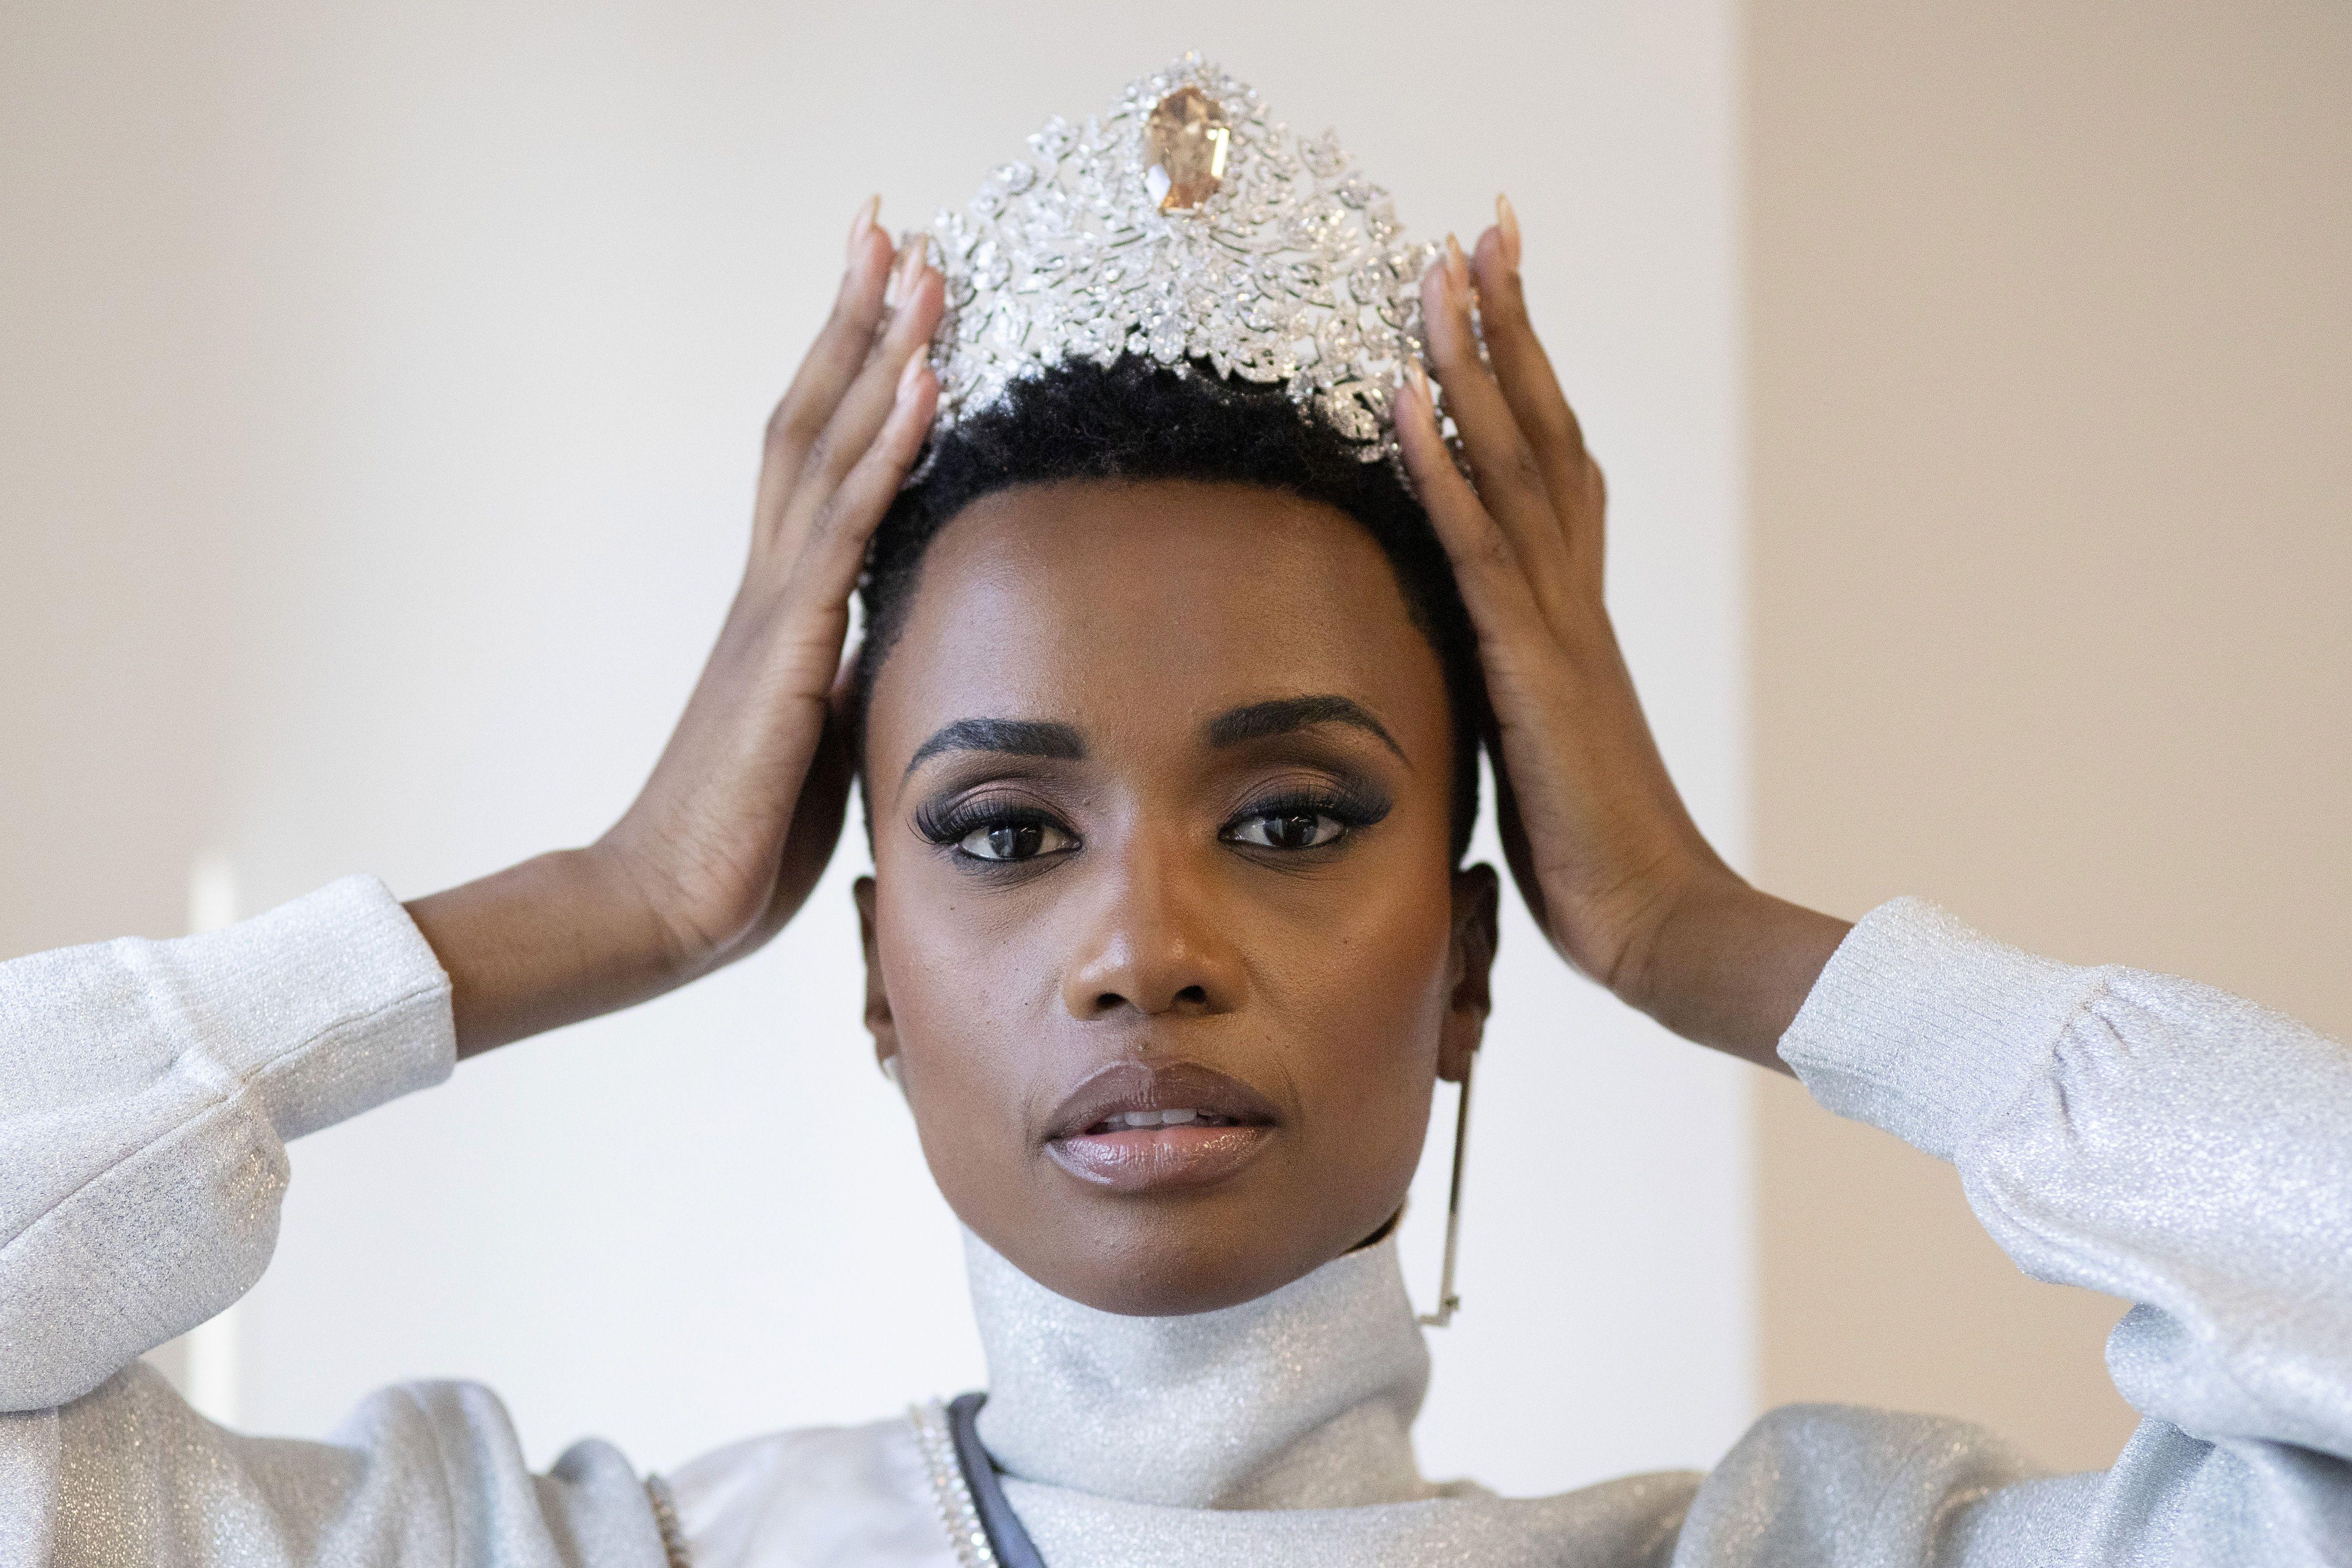 Міс Всесвіт 2019, Зозібіні Тунзі